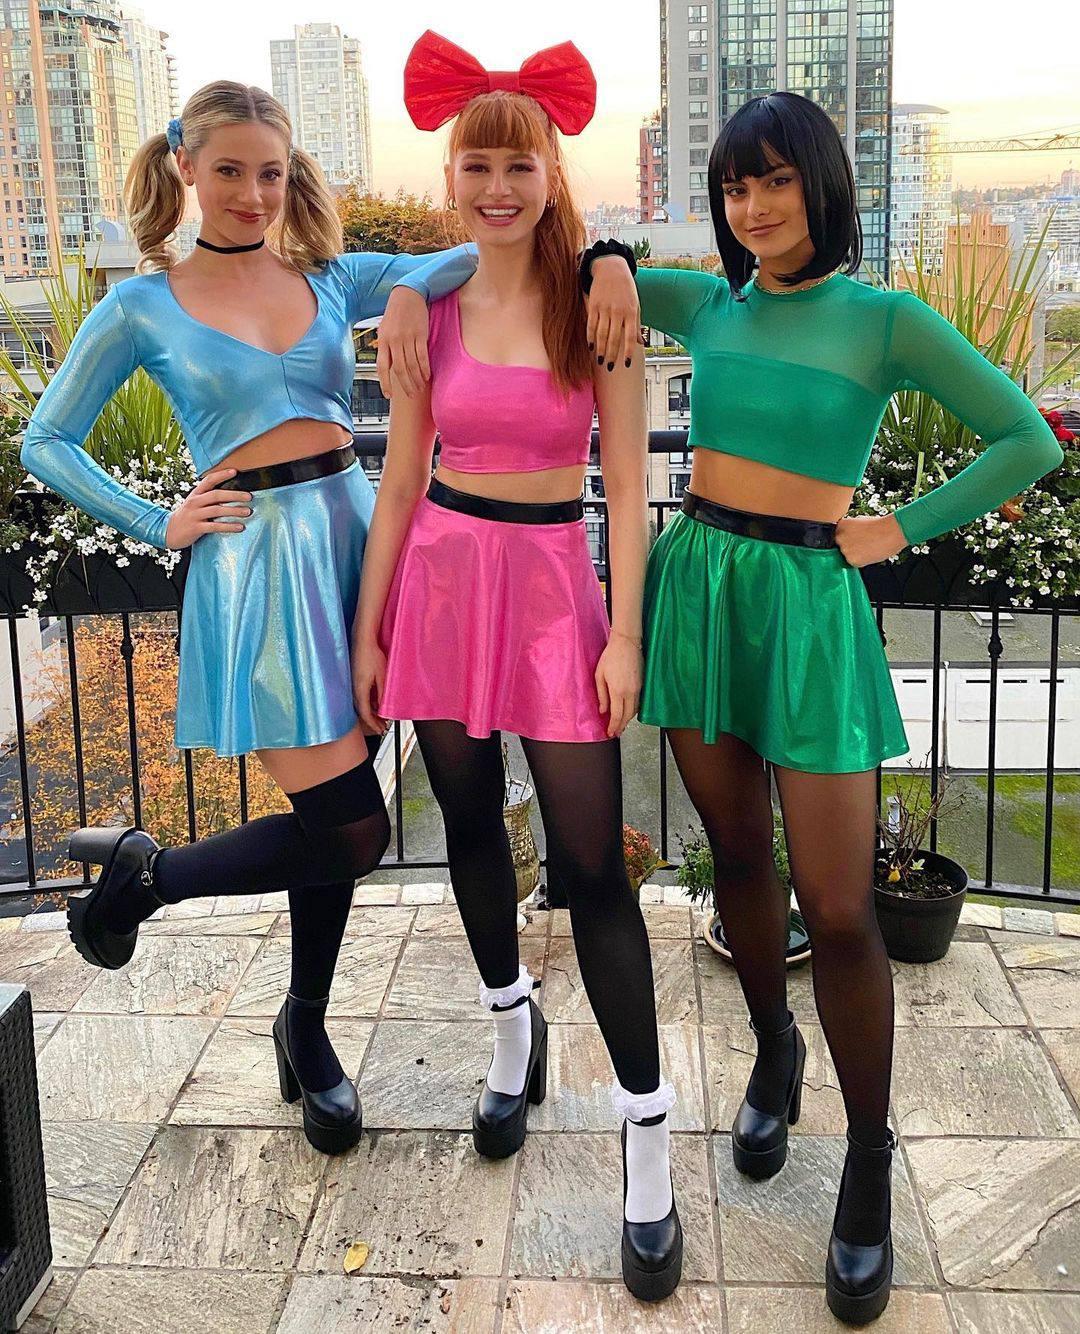 Lili Reinhart Madelaine Petsch Camila Mendes As The Powerpuff Girls